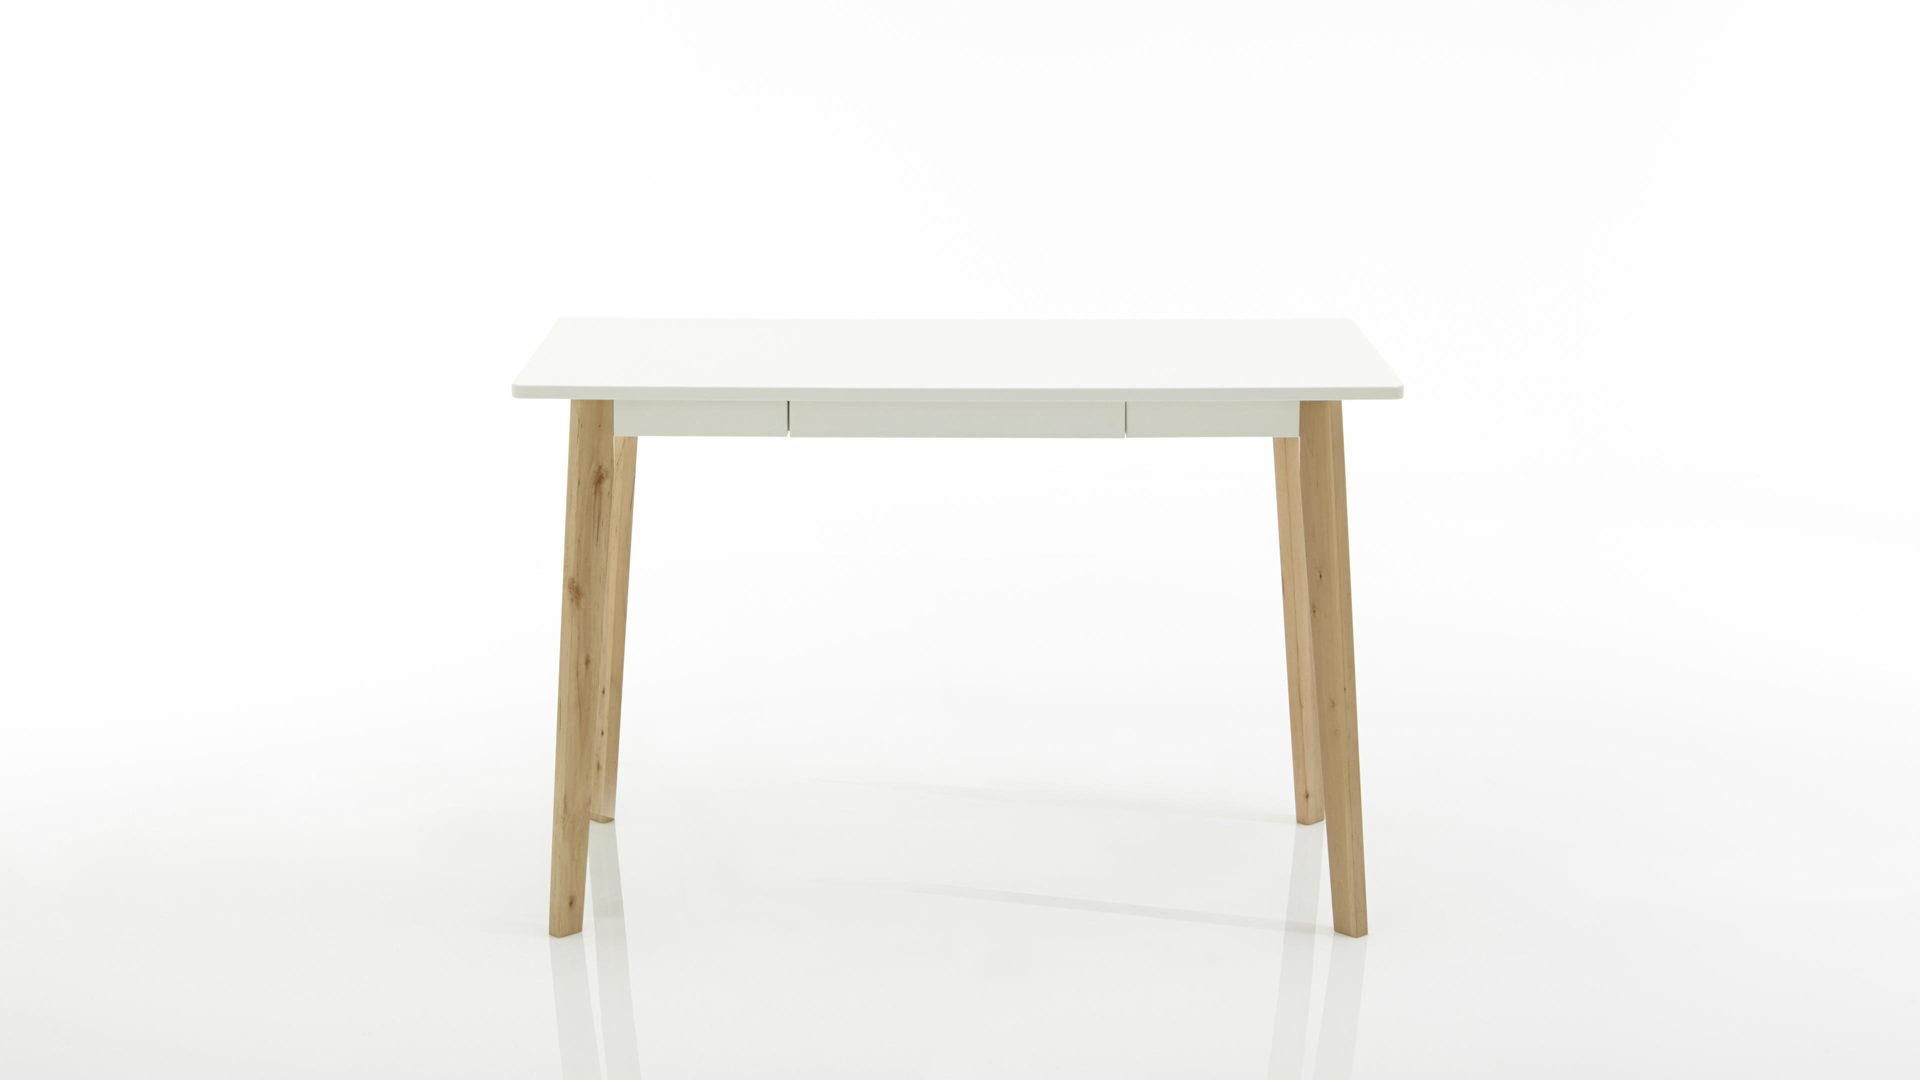 Schreibtisch holz weiß  Möbel Bohn Crailsheim | Möbel A-Z | Tische | Schreibtische | Retro ...